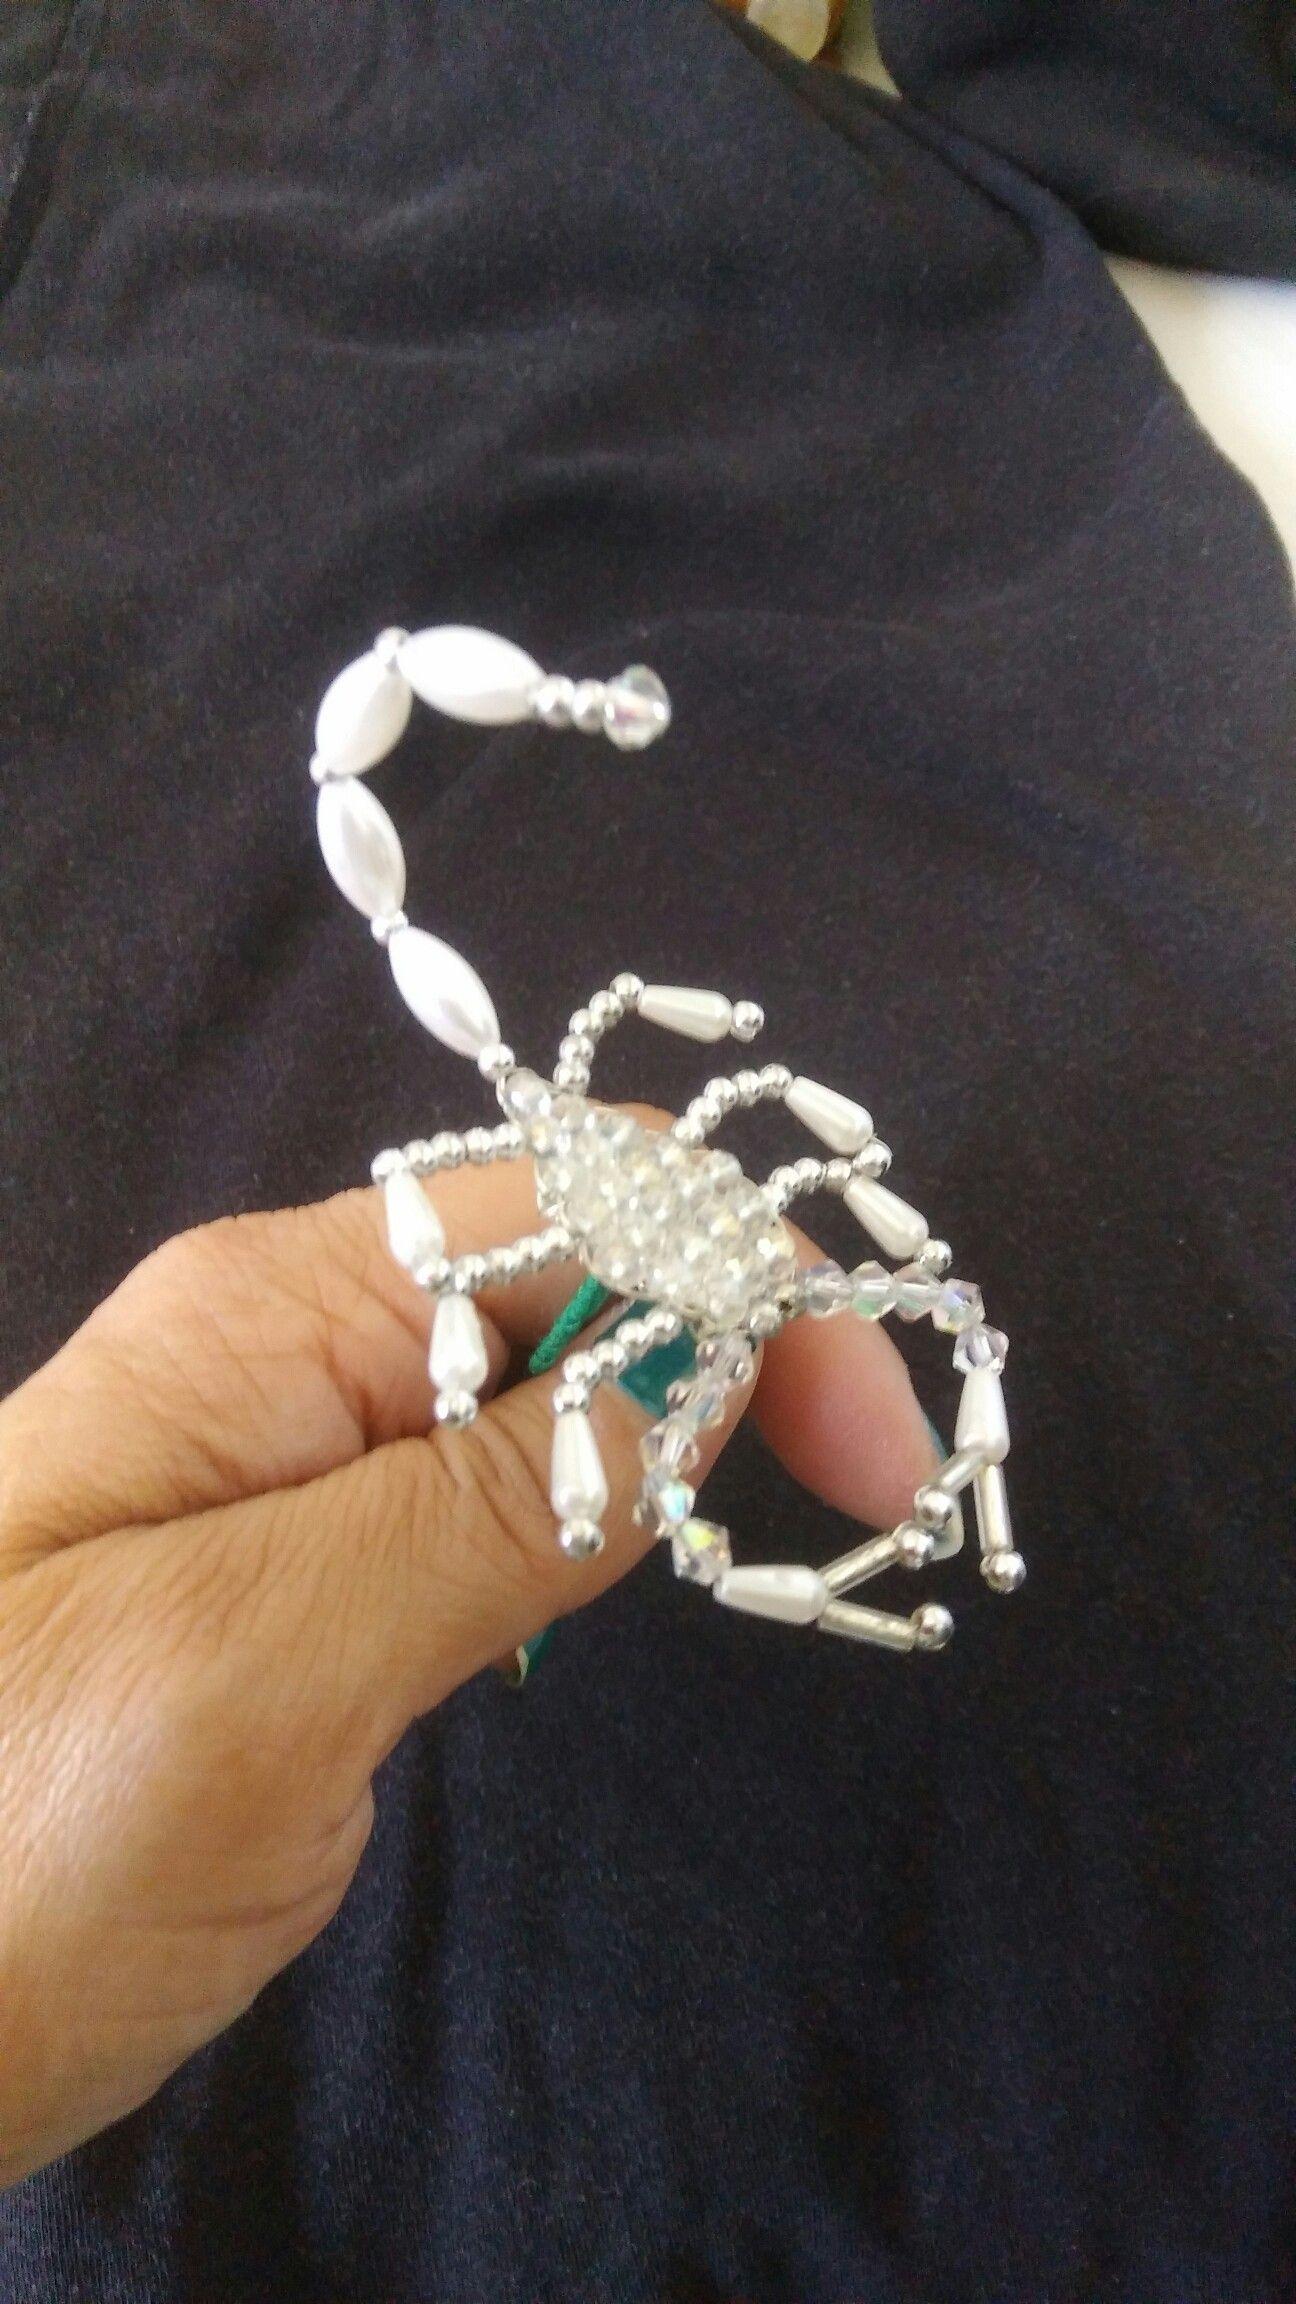 Pin von Marisol Díaz auf Tembleques | Pinterest | Skorpion, Perlen ...